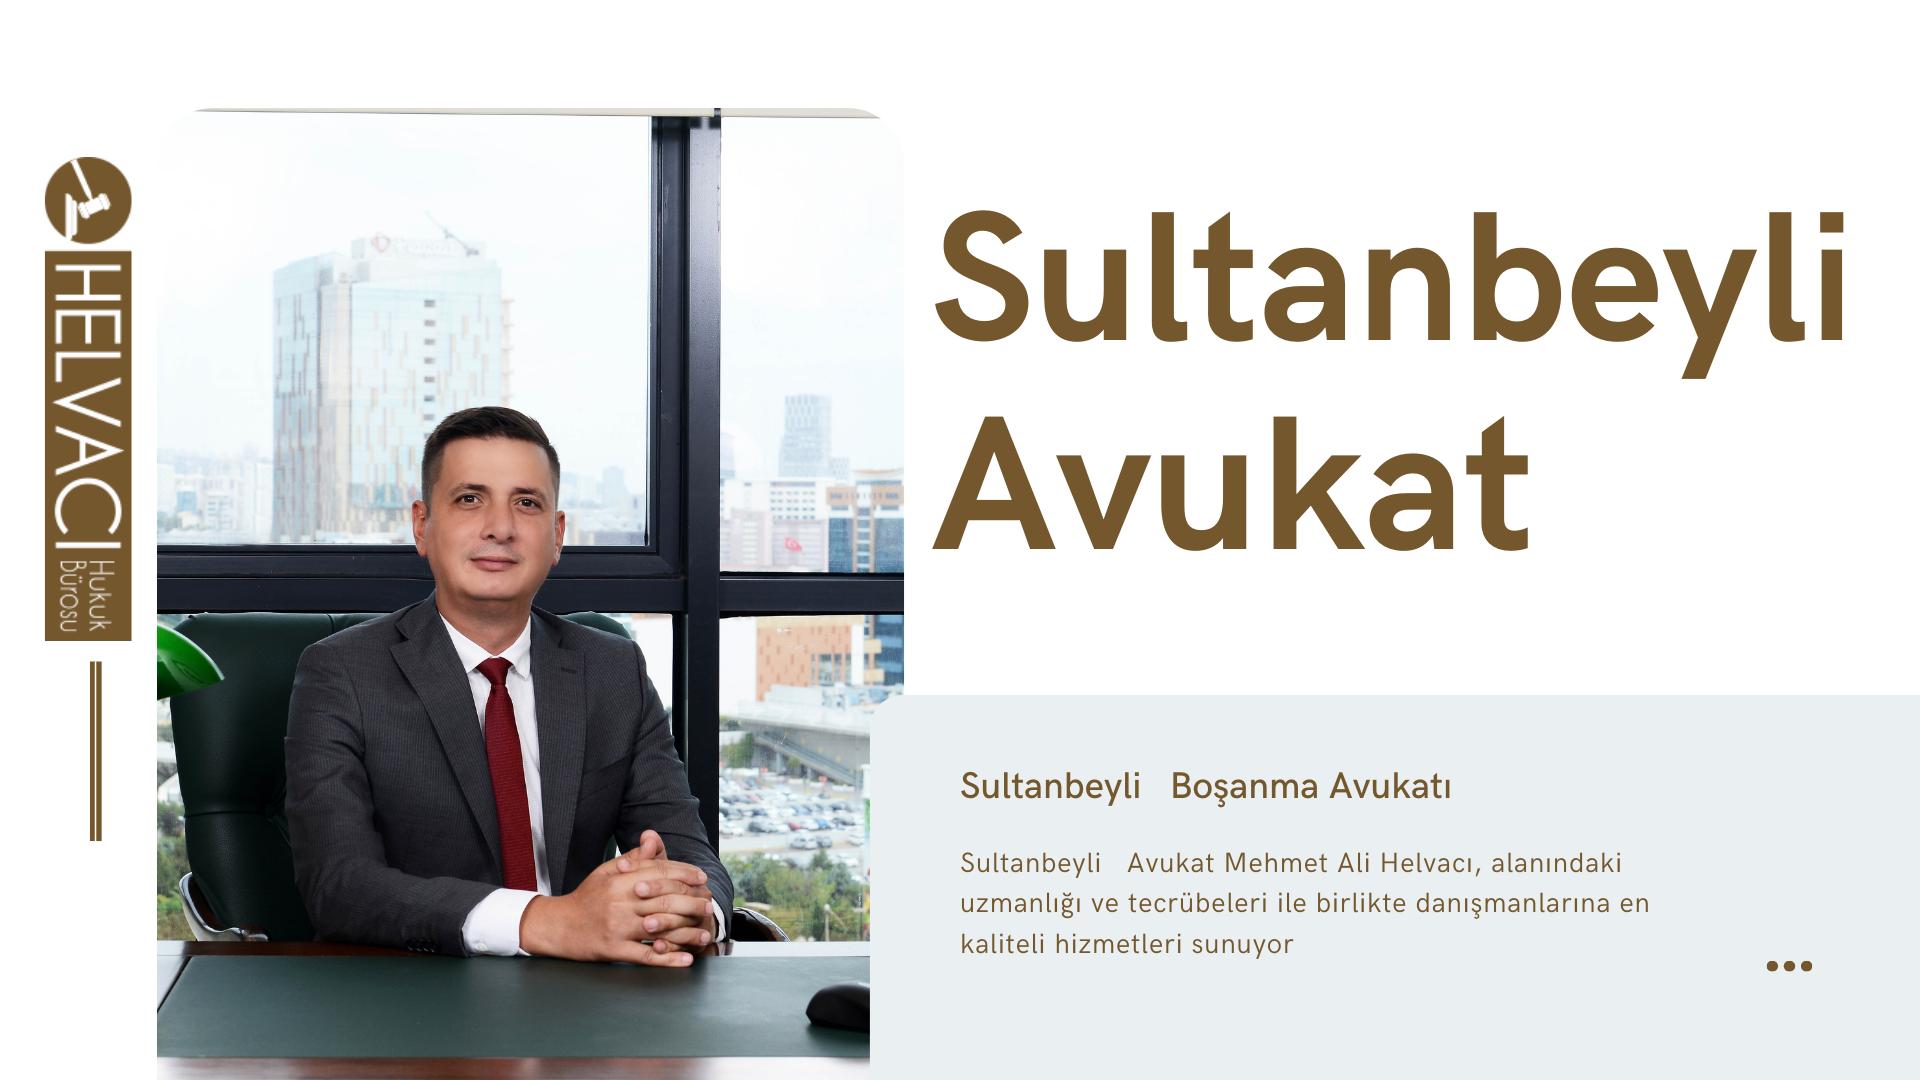 Sultanbeyli Avukat